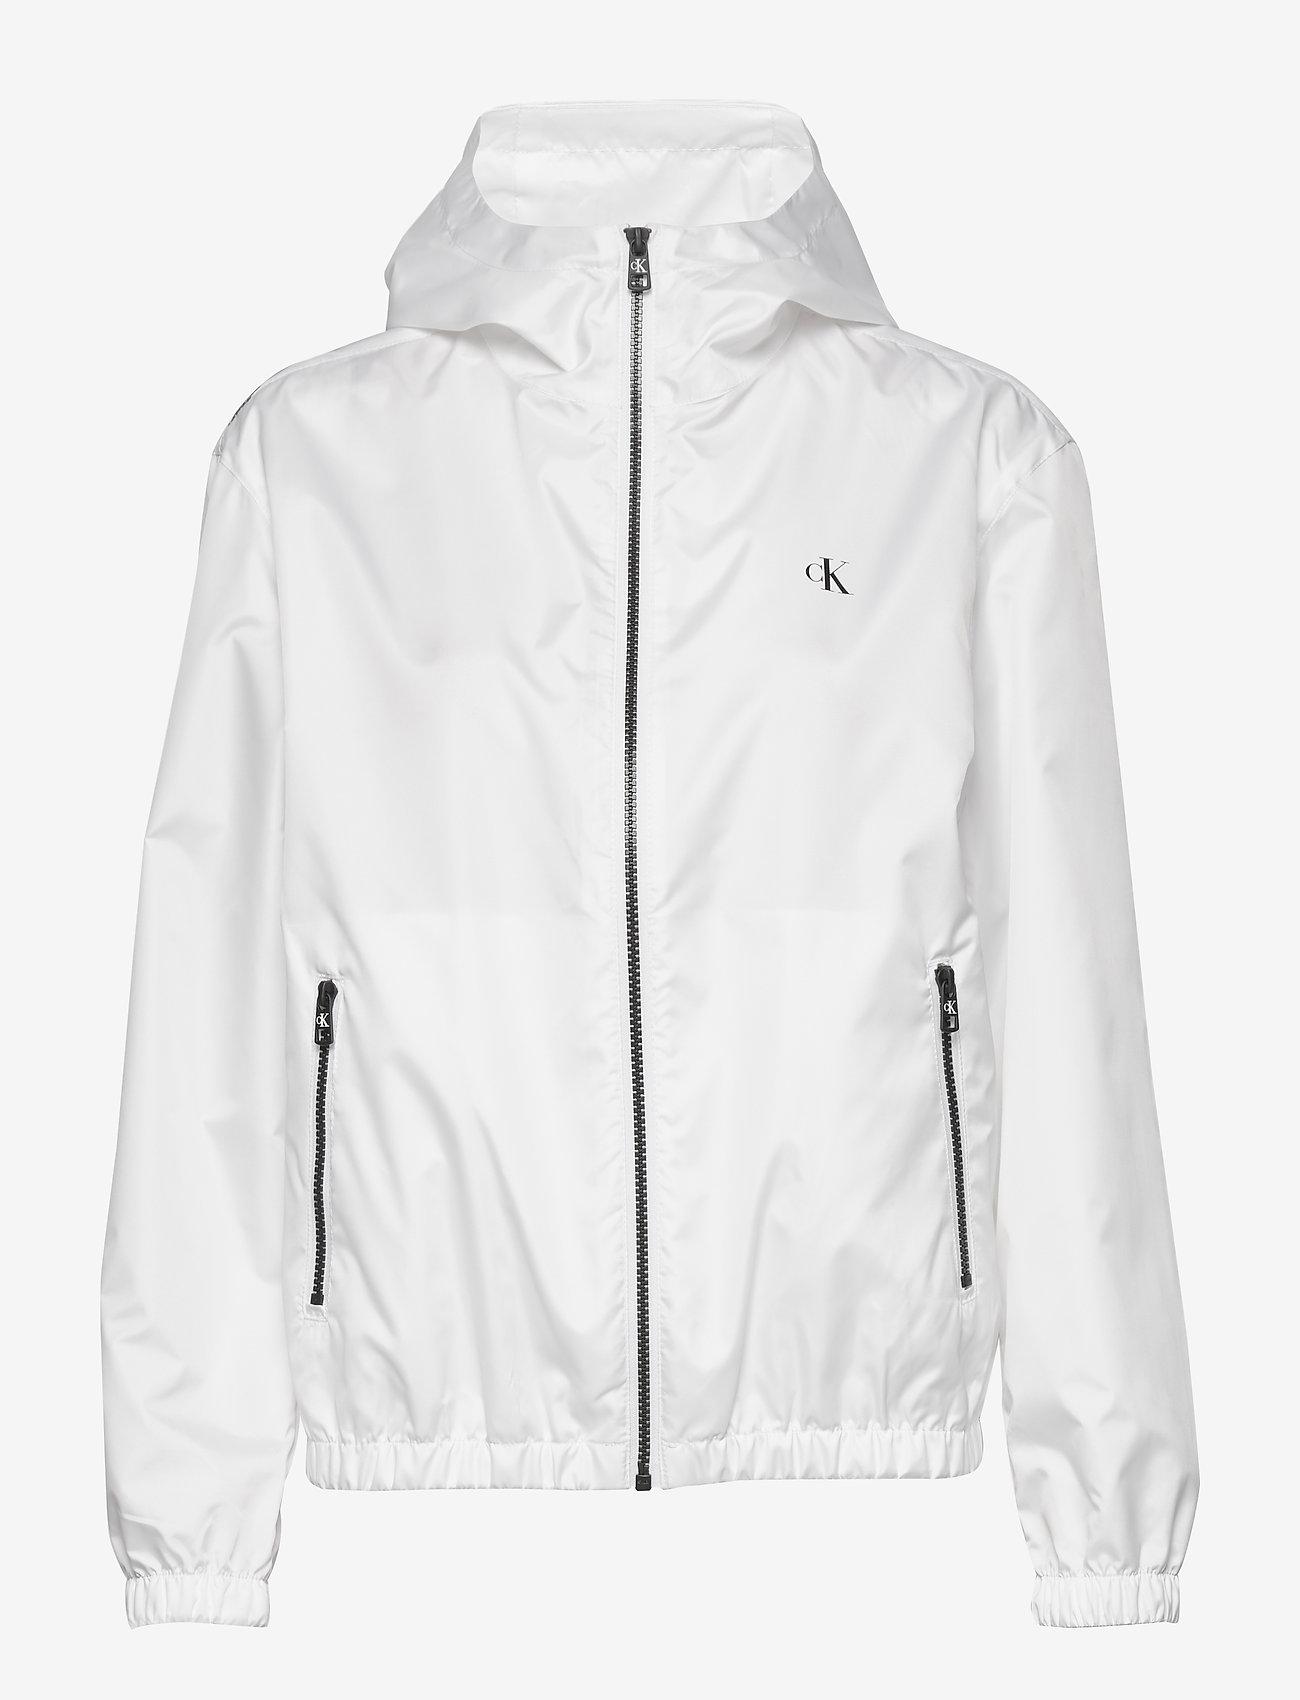 Calvin Klein Jeans - LARGE CK LOGO HOODED - kevyet takit - bright white - 1